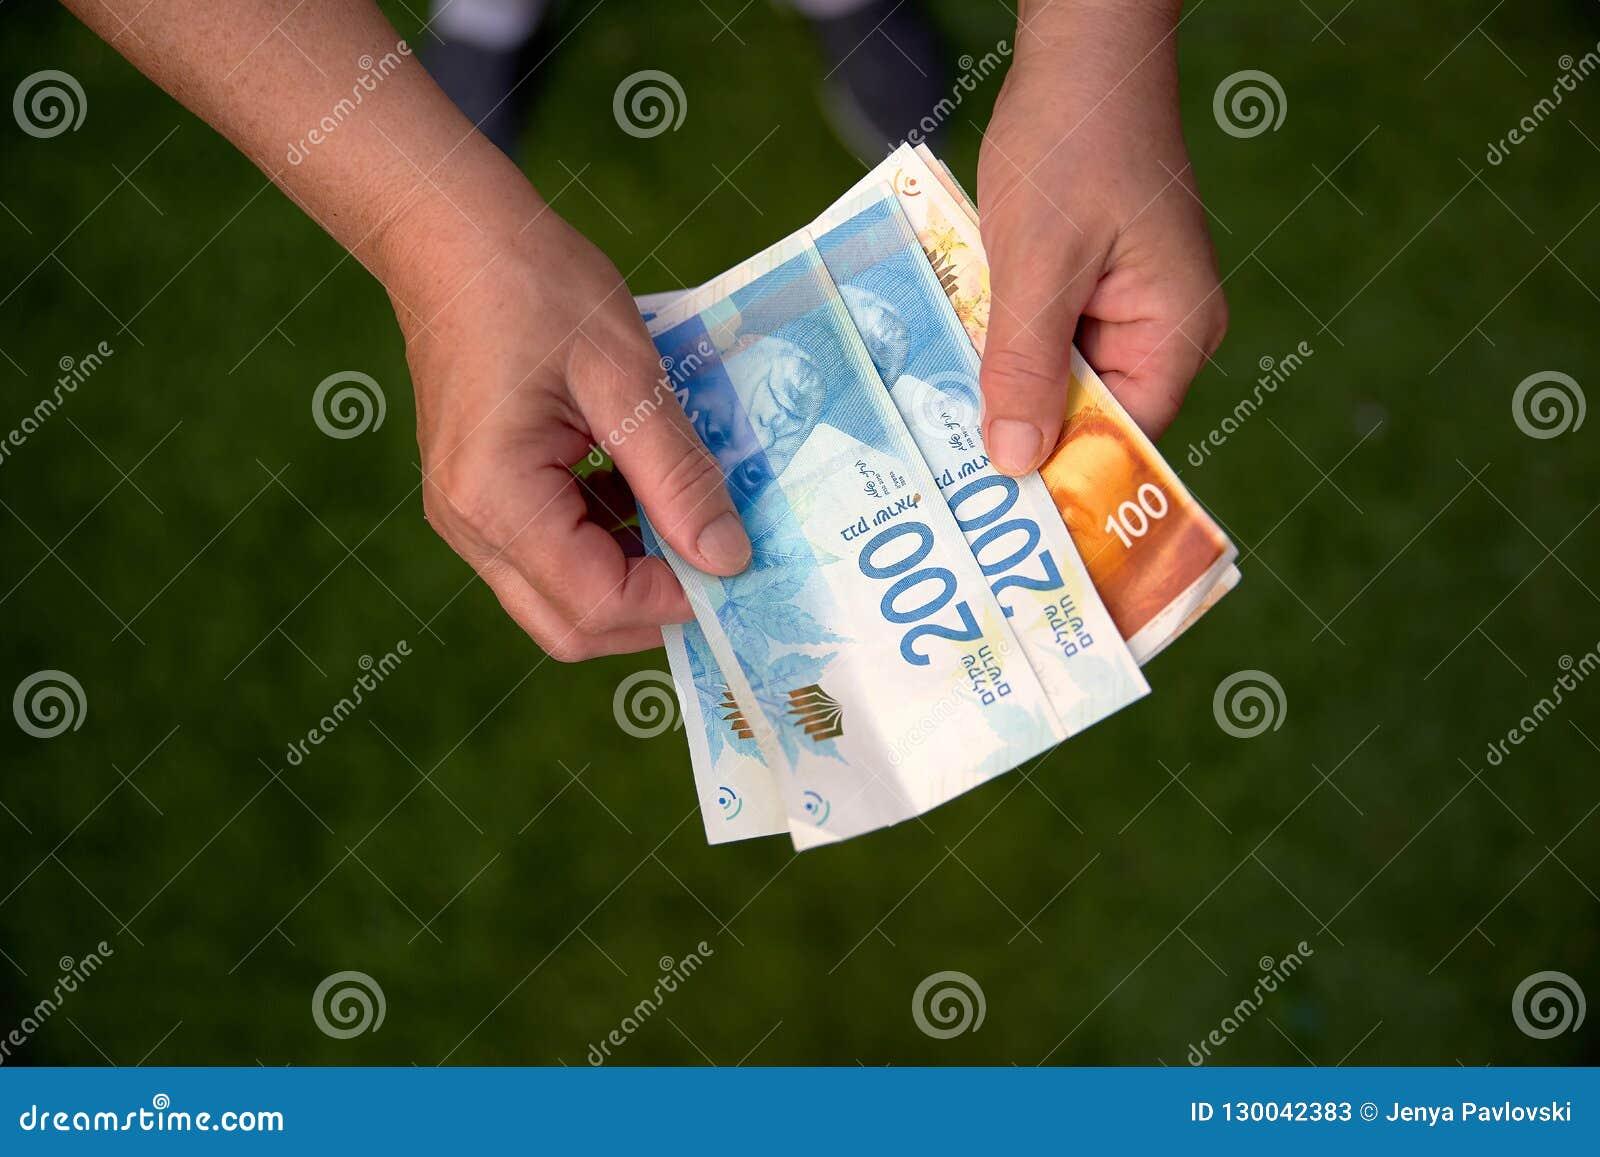 Γυναίκα που κρατά μια δέσμη των ισραηλινών νέων τραπεζογραμματίων Shekel στα χέρια της